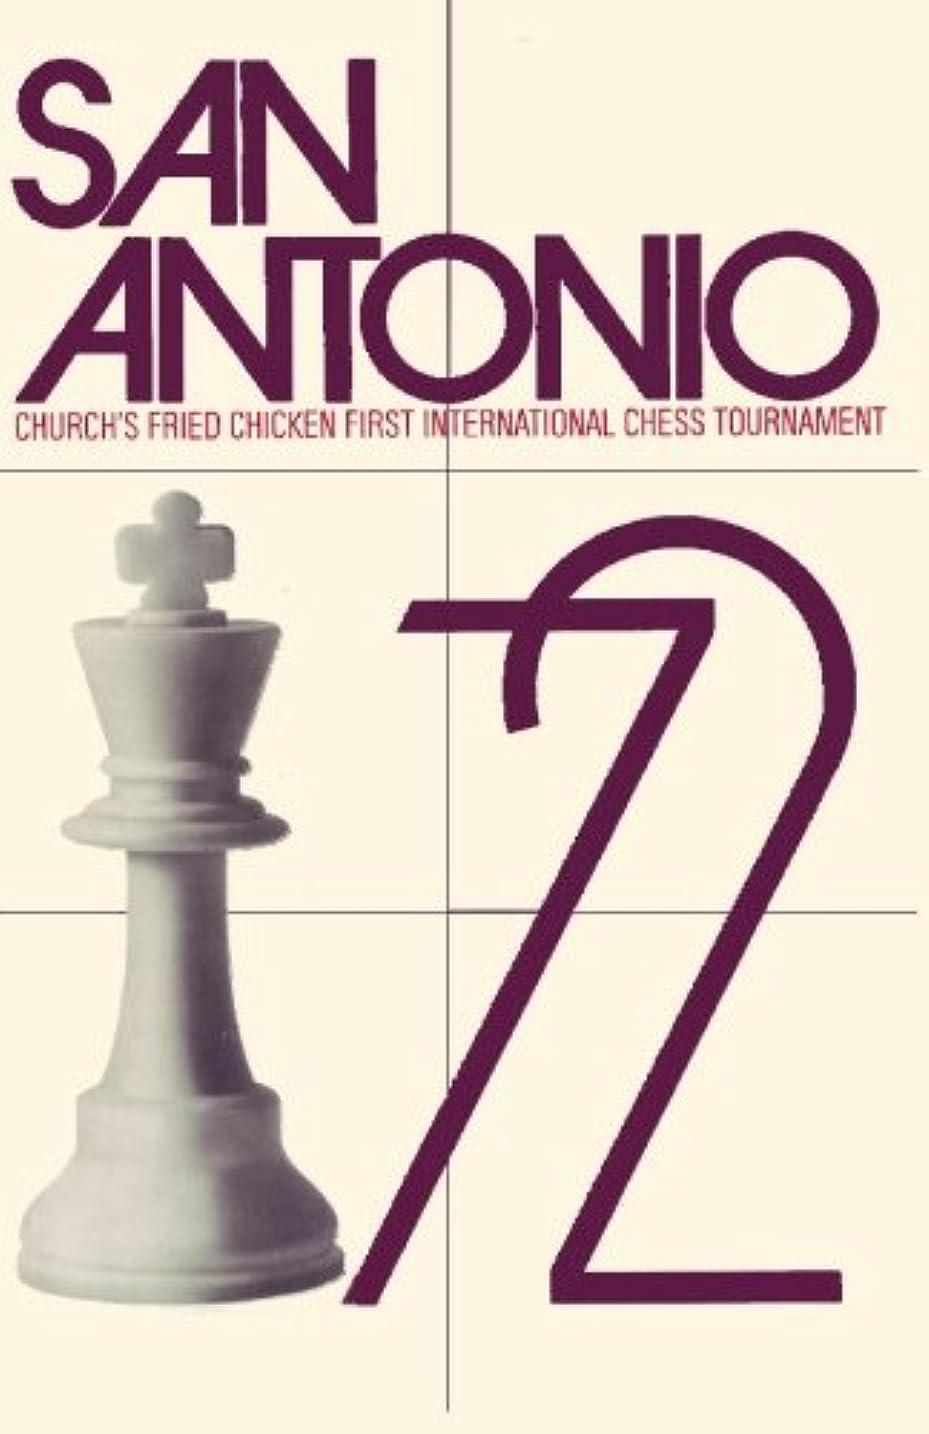 ペア締め切りいとこSan Antonio, 1972: Church's Fried Chicken, Inc. First International Chess Tournament